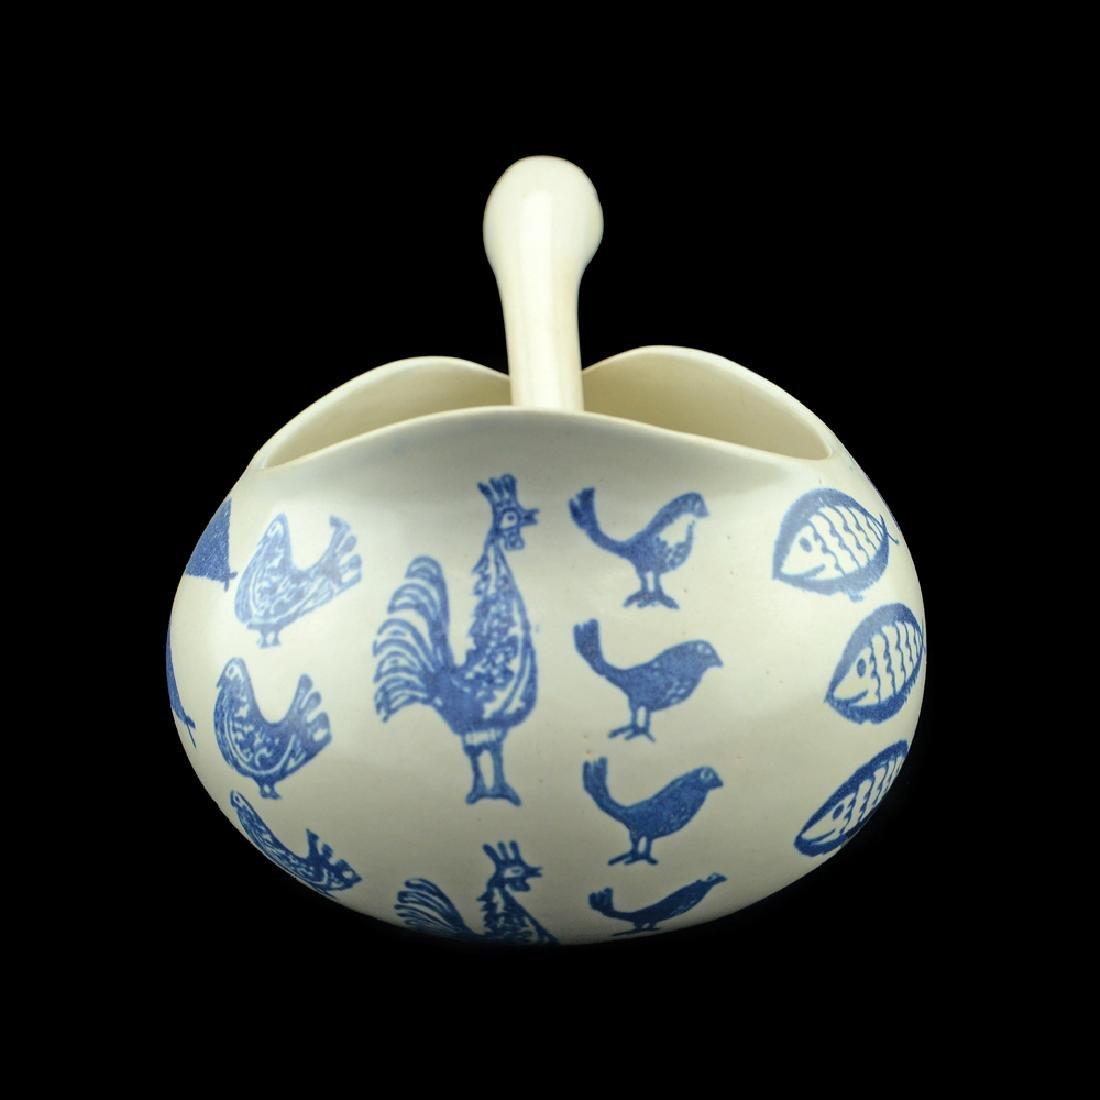 Eva Zeisel, Rare Monmouth Goose Bowl - 3